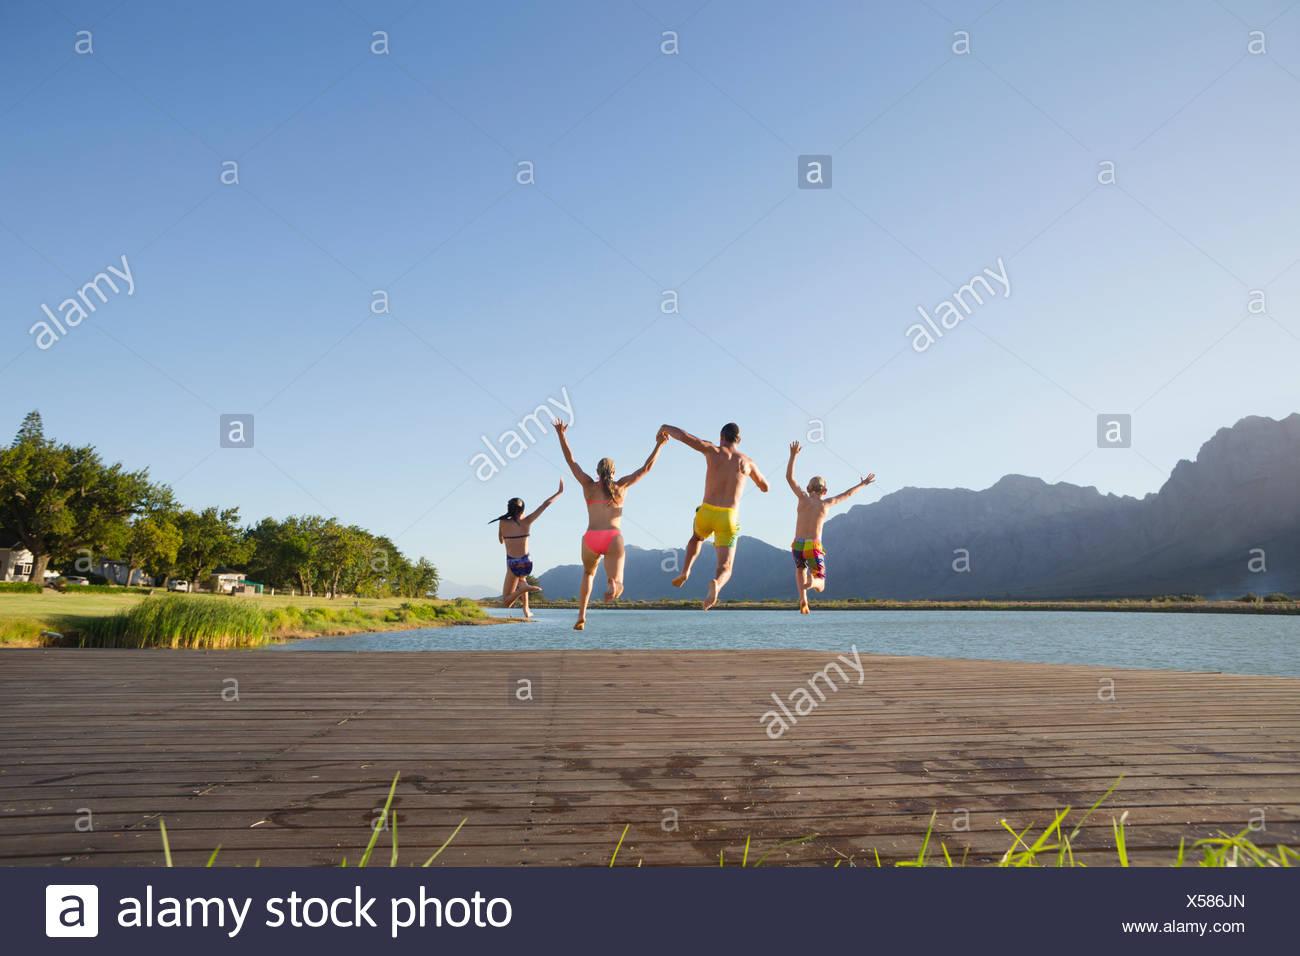 Familia saltar al lago desde un embarcadero Imagen De Stock